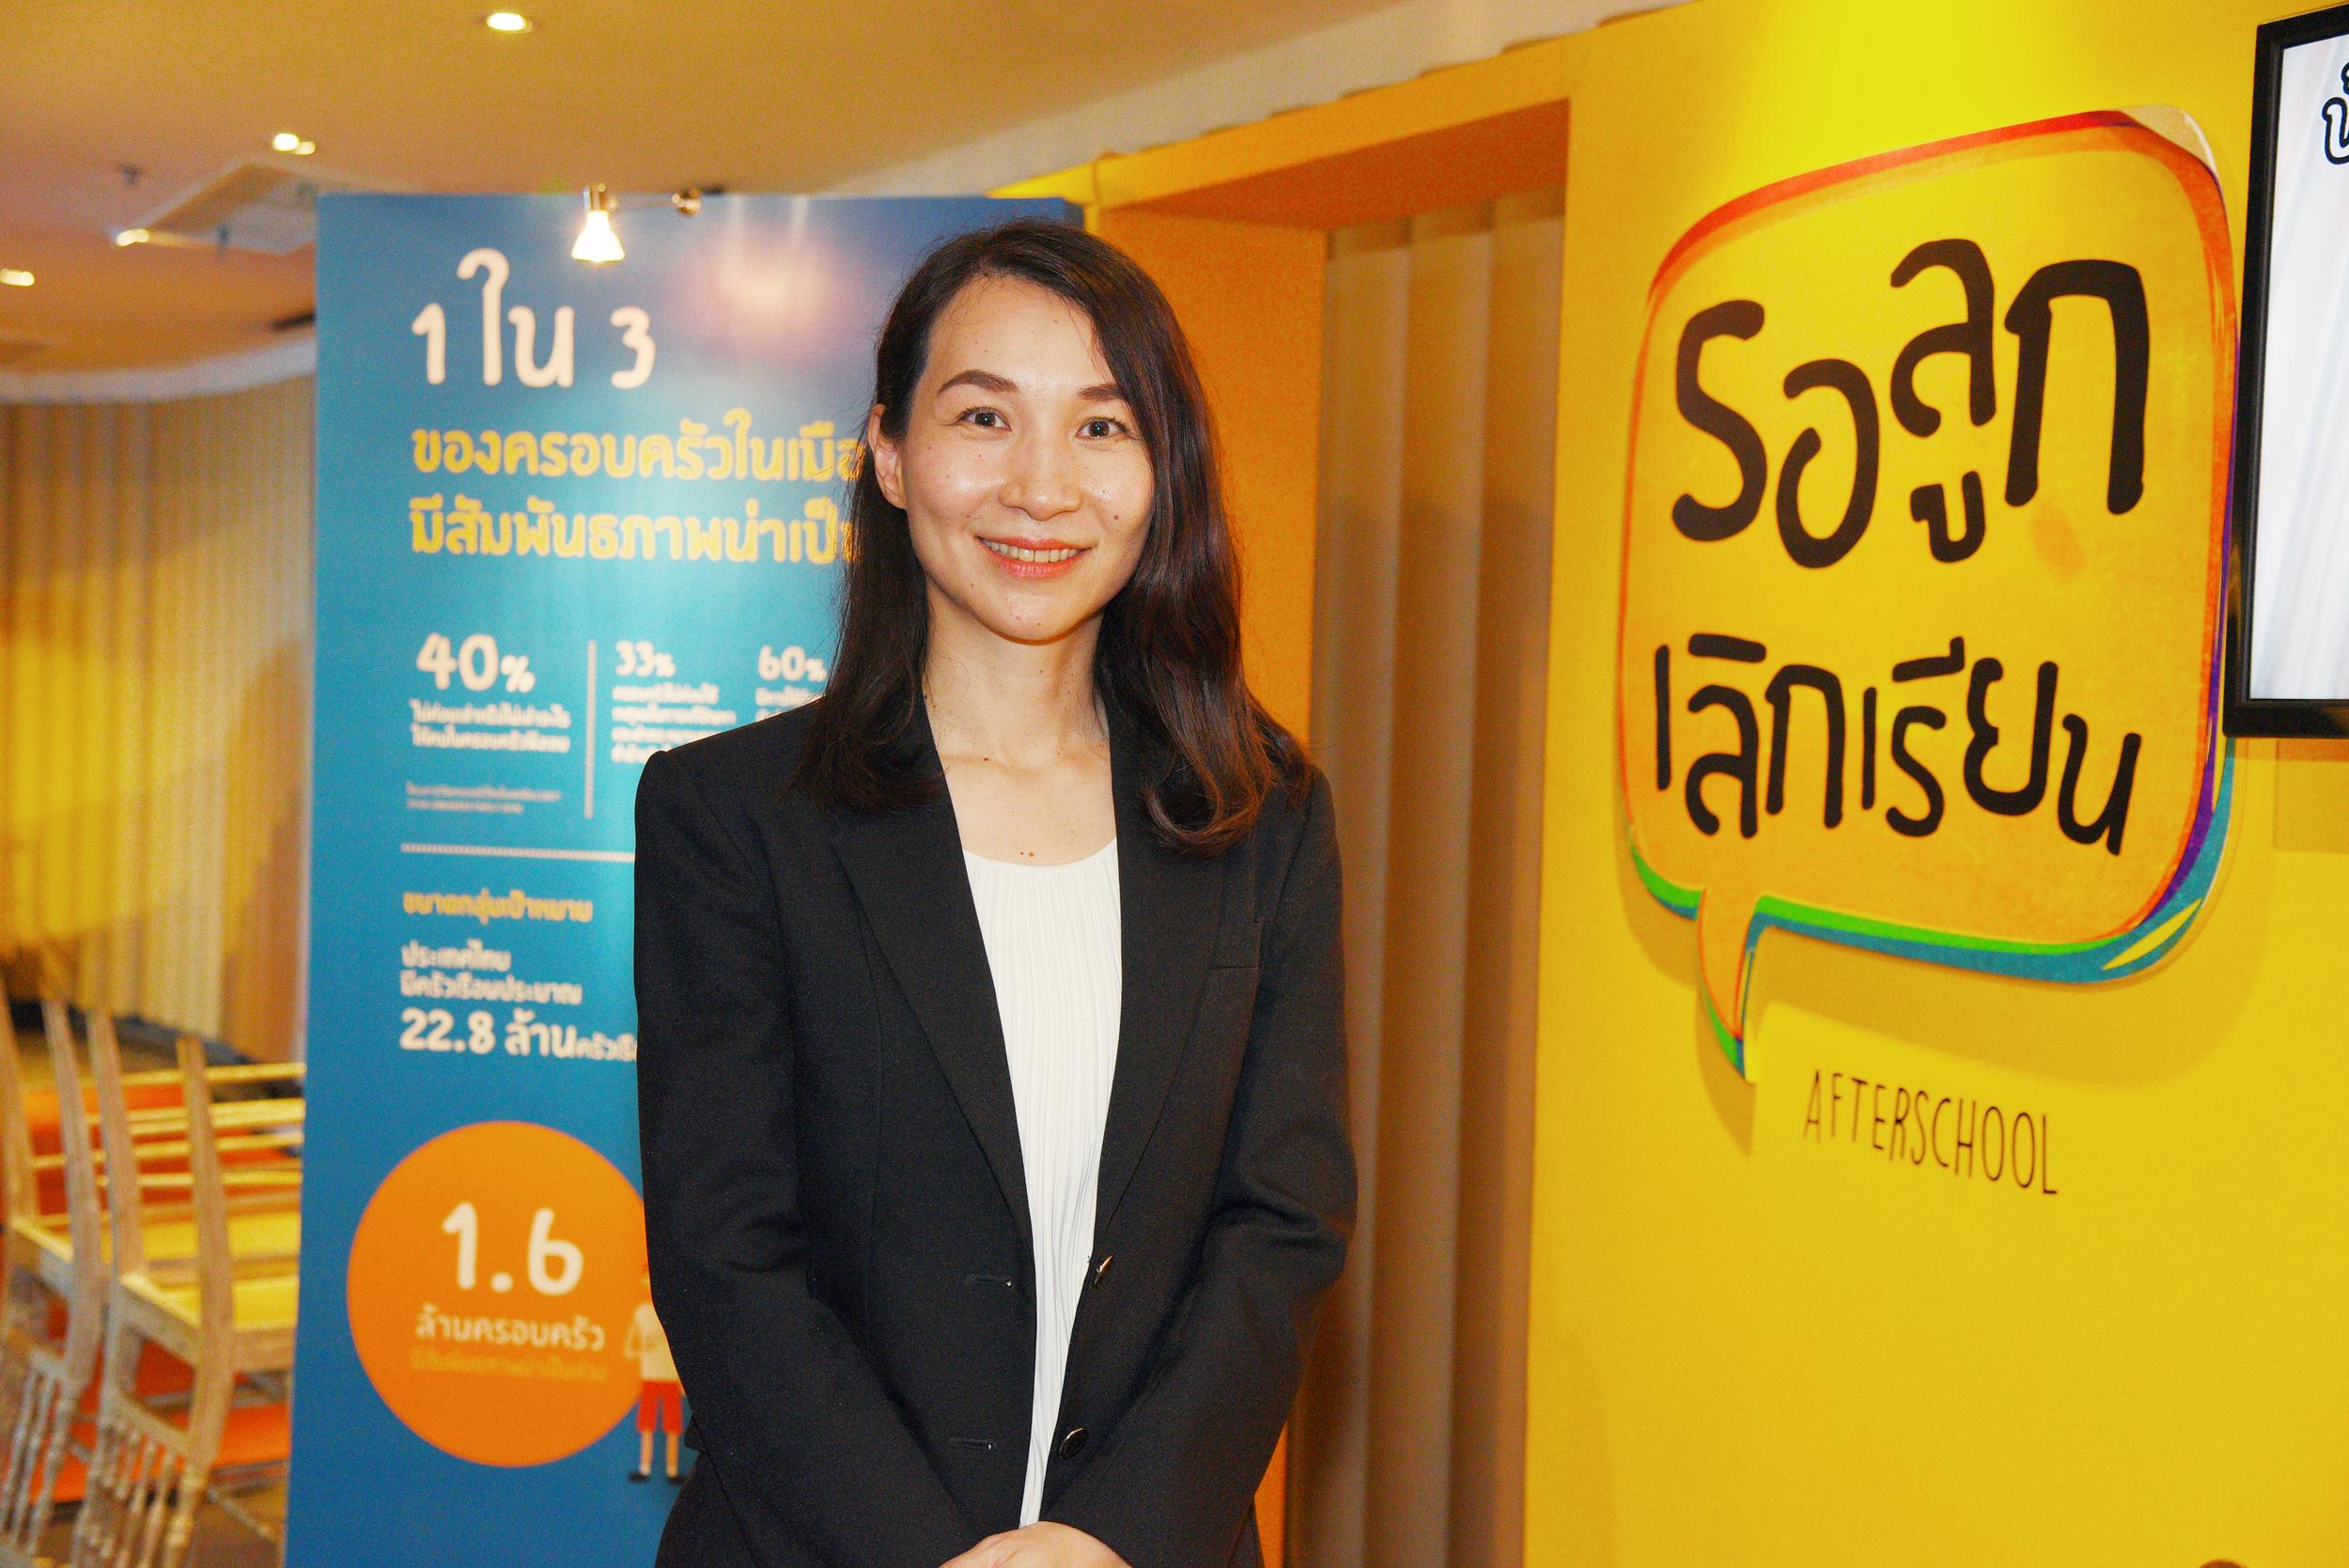 'รอลูกเลิกเรียน' ชวนพ่อแม่เข้าใจวัยรุ่นสร้างสัมพันธ์ในครอบครัว thaihealth